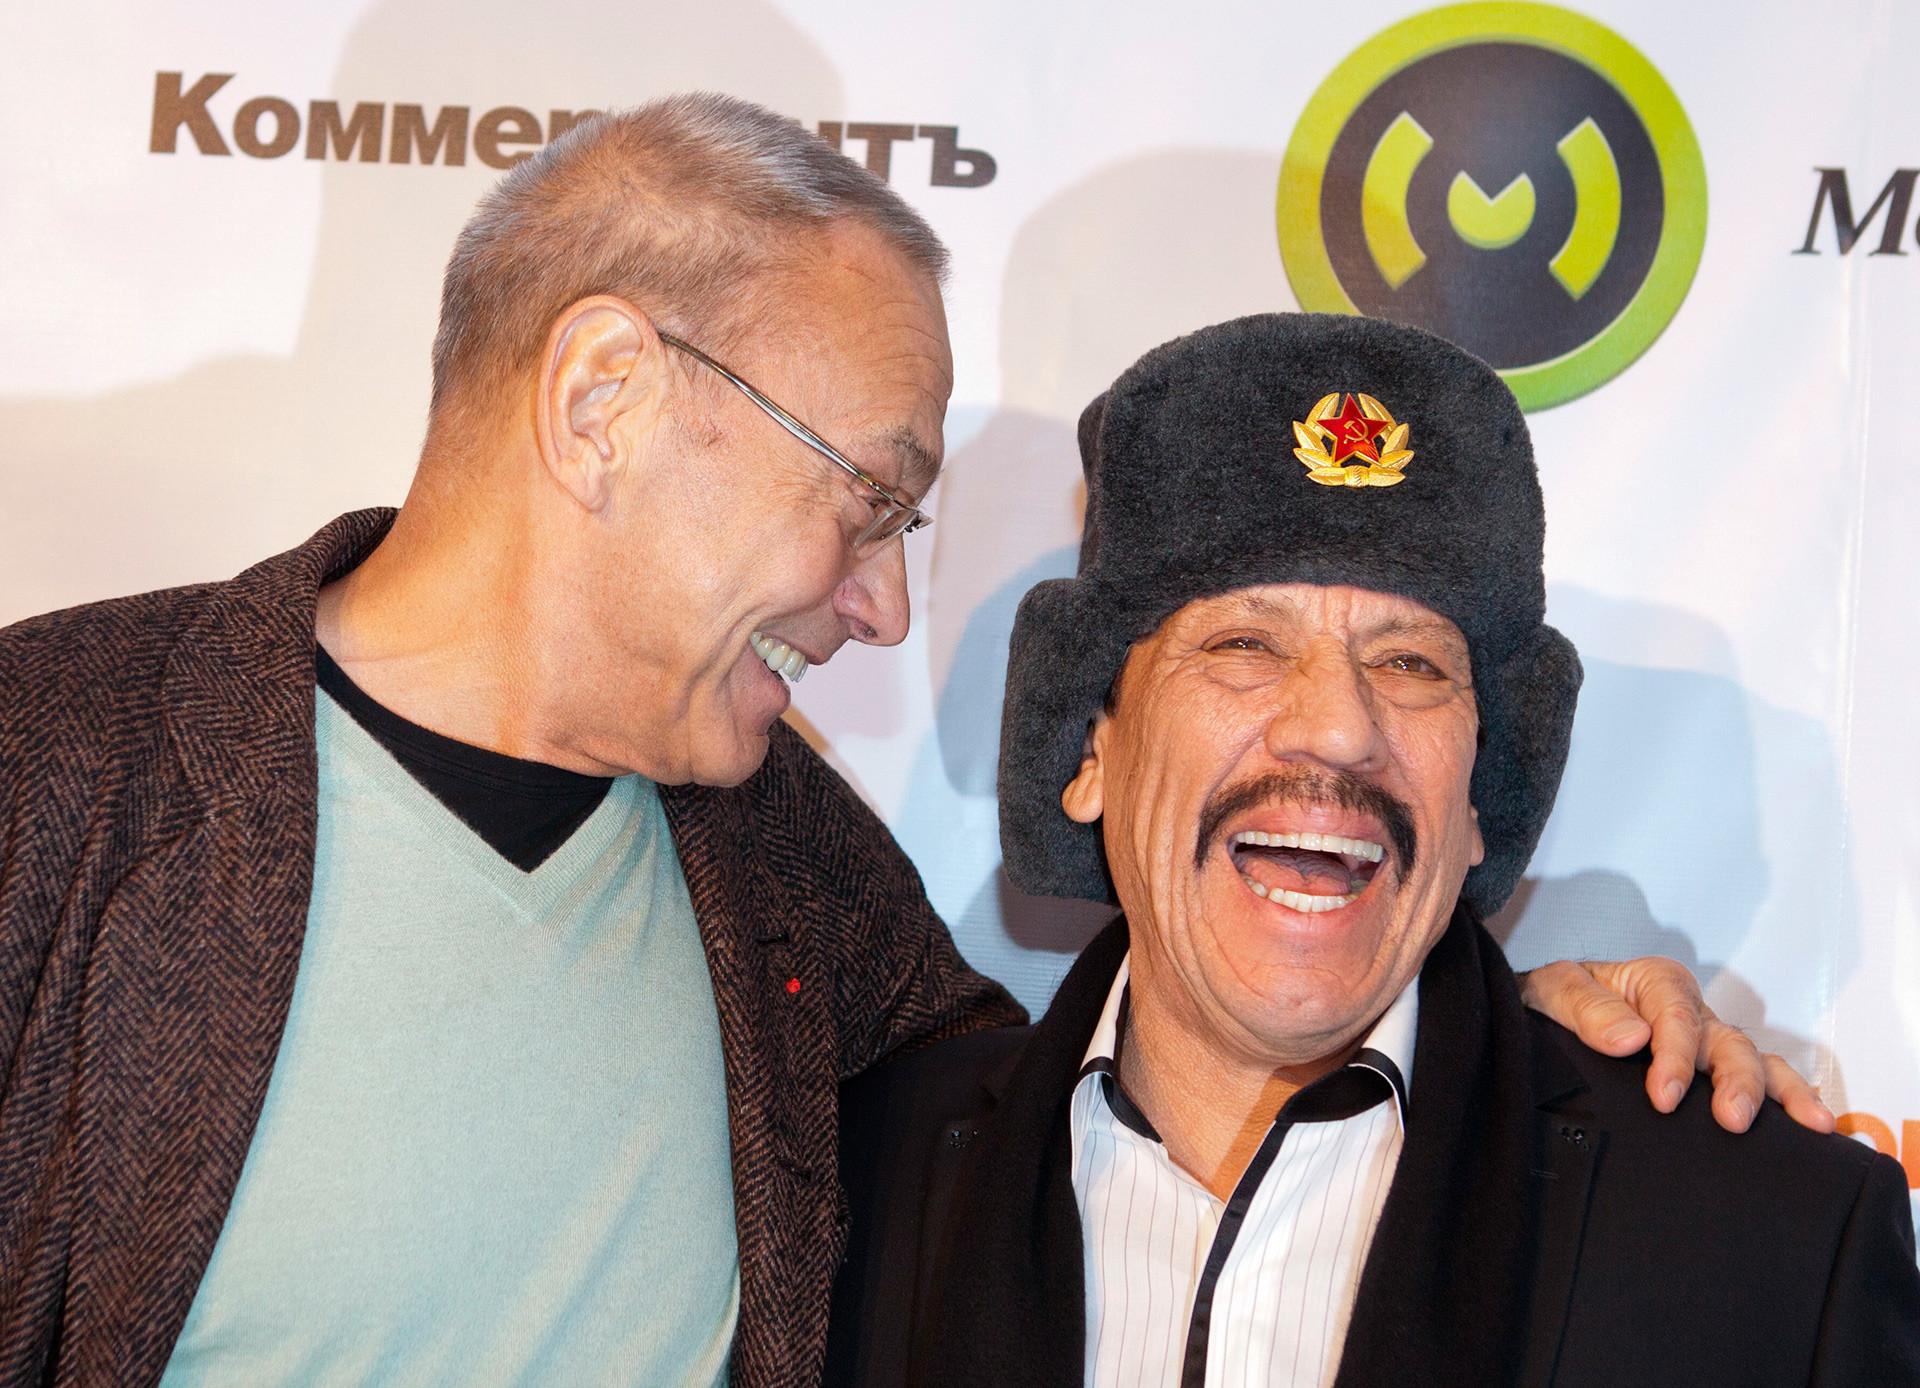 Danny Trejo (a la derecha) y Andréi Konchalovski, director ruso.